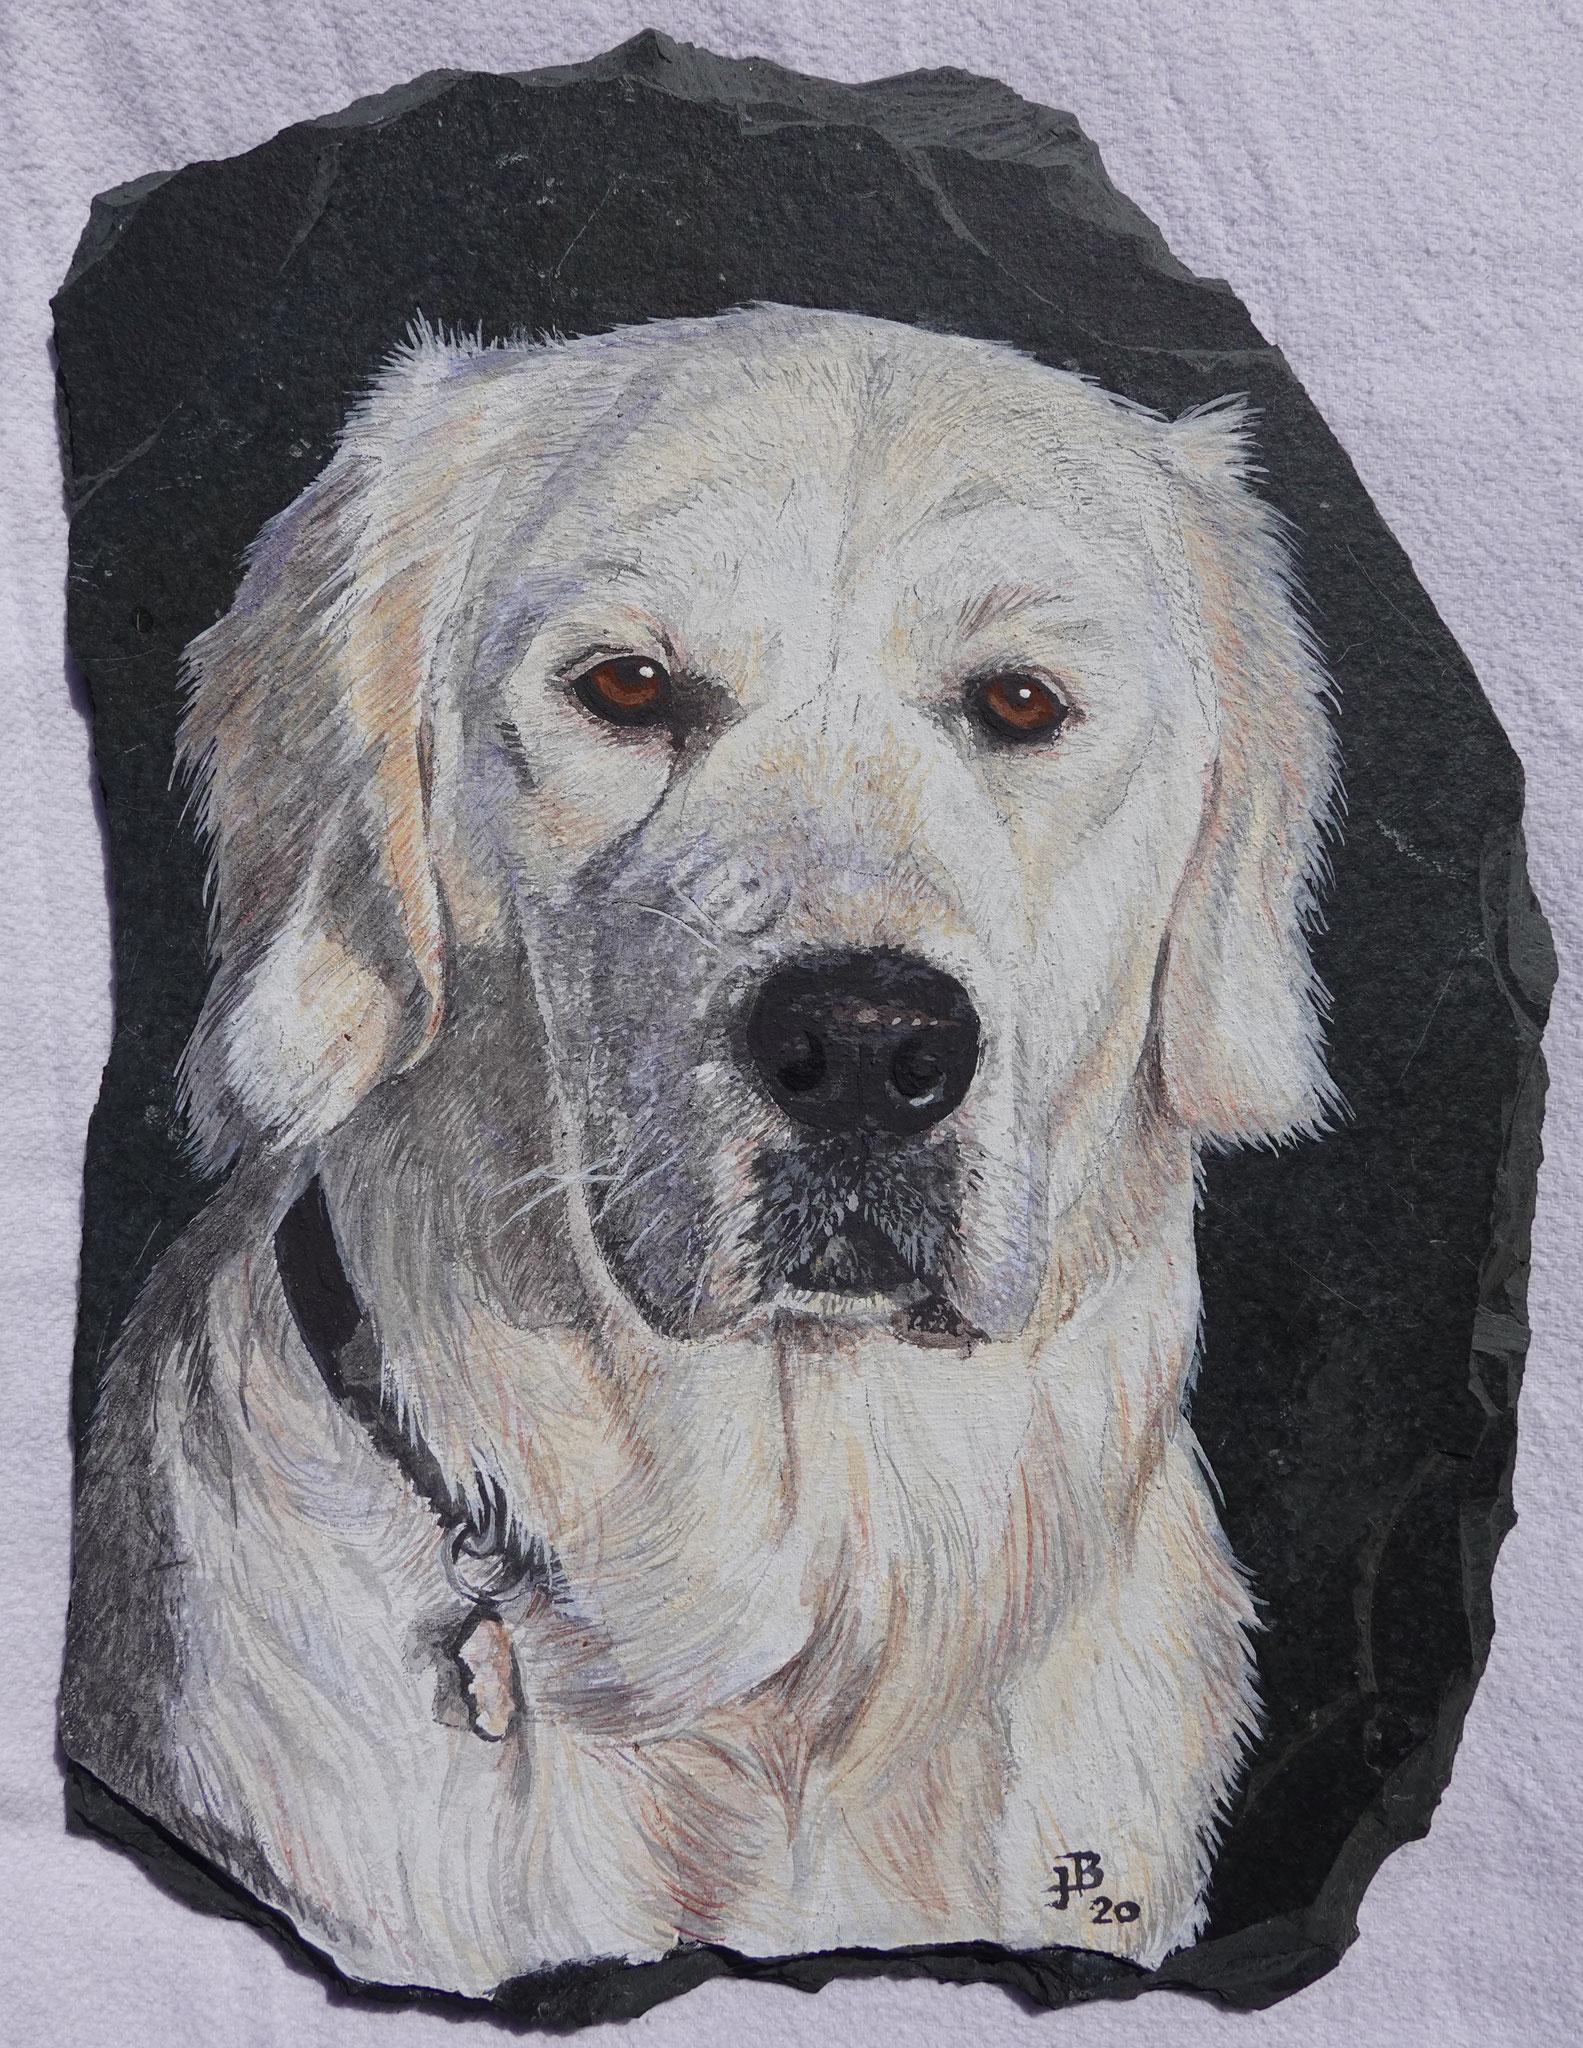 MEIN Portrait gemalt auf Schieferstein von Jacqueline Büchel, Rieden